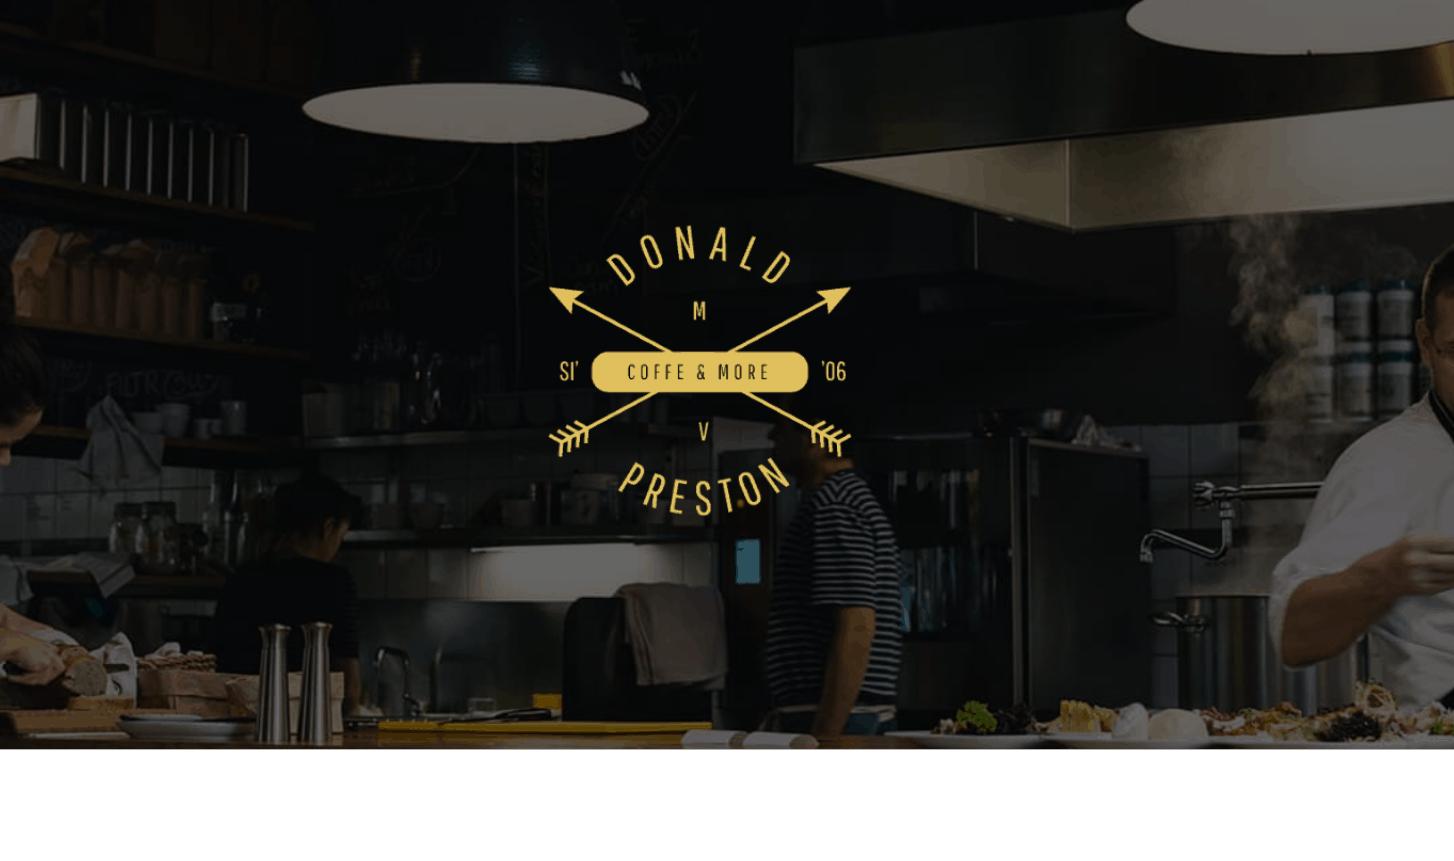 תבנית אלמנטור - מסעדה